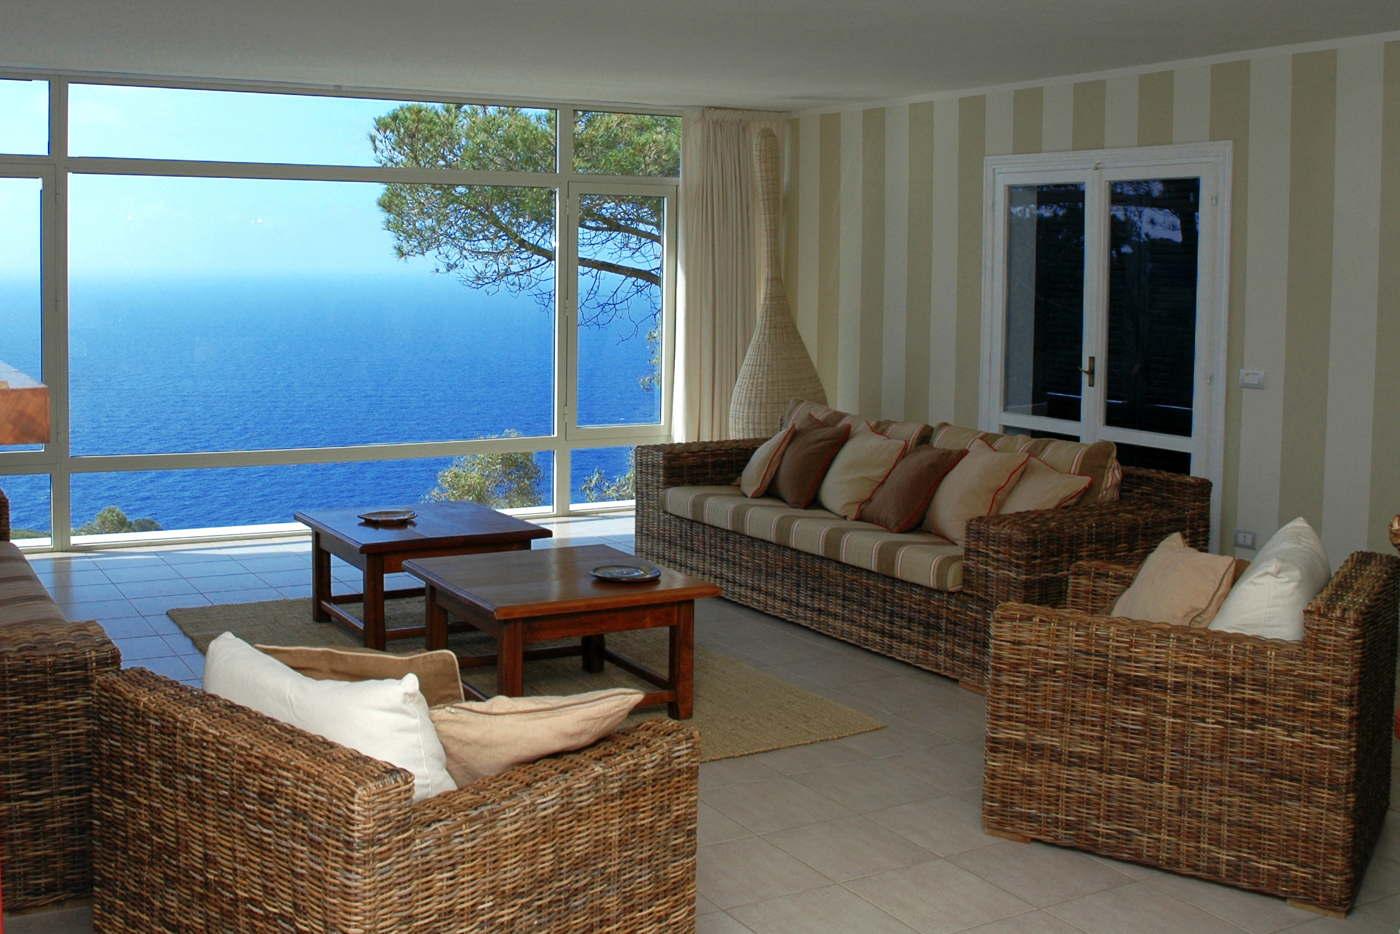 ferienhaus mit privatem pool in ferienanlage auf elba mieten. Black Bedroom Furniture Sets. Home Design Ideas